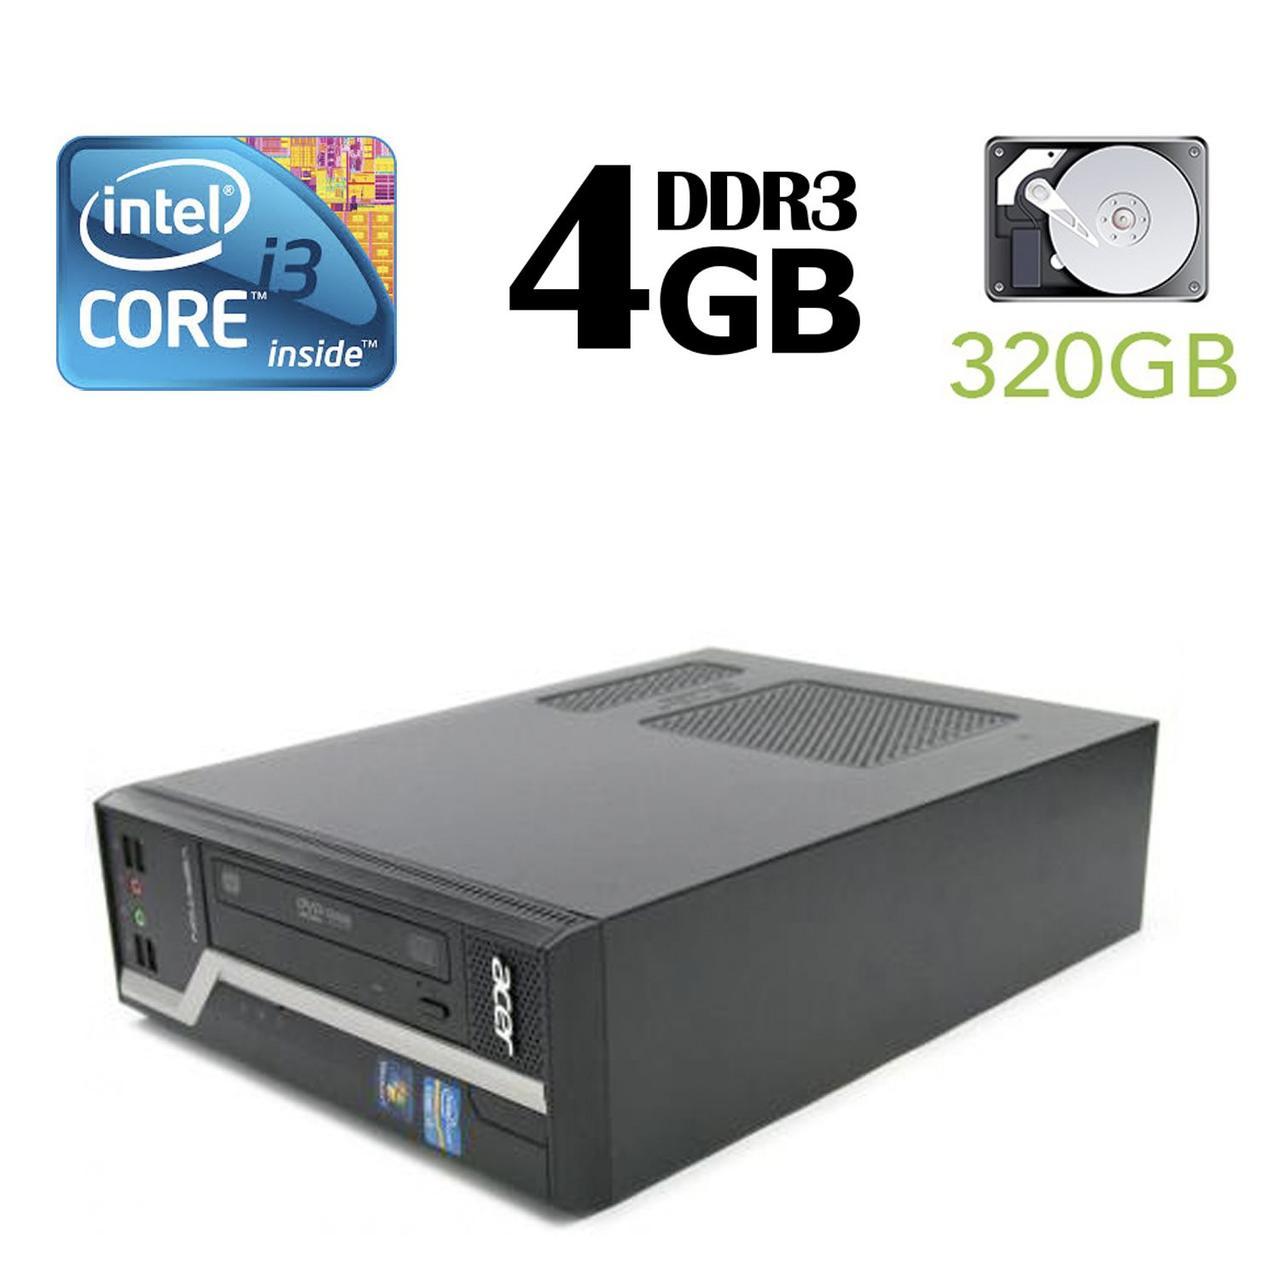 Acer Veriton X4610G SFF / Intel® Core™ i3-2120 (2 (4) ядра по 3.30 GHz) / 4 GB DDR3 / 320 GB HDD